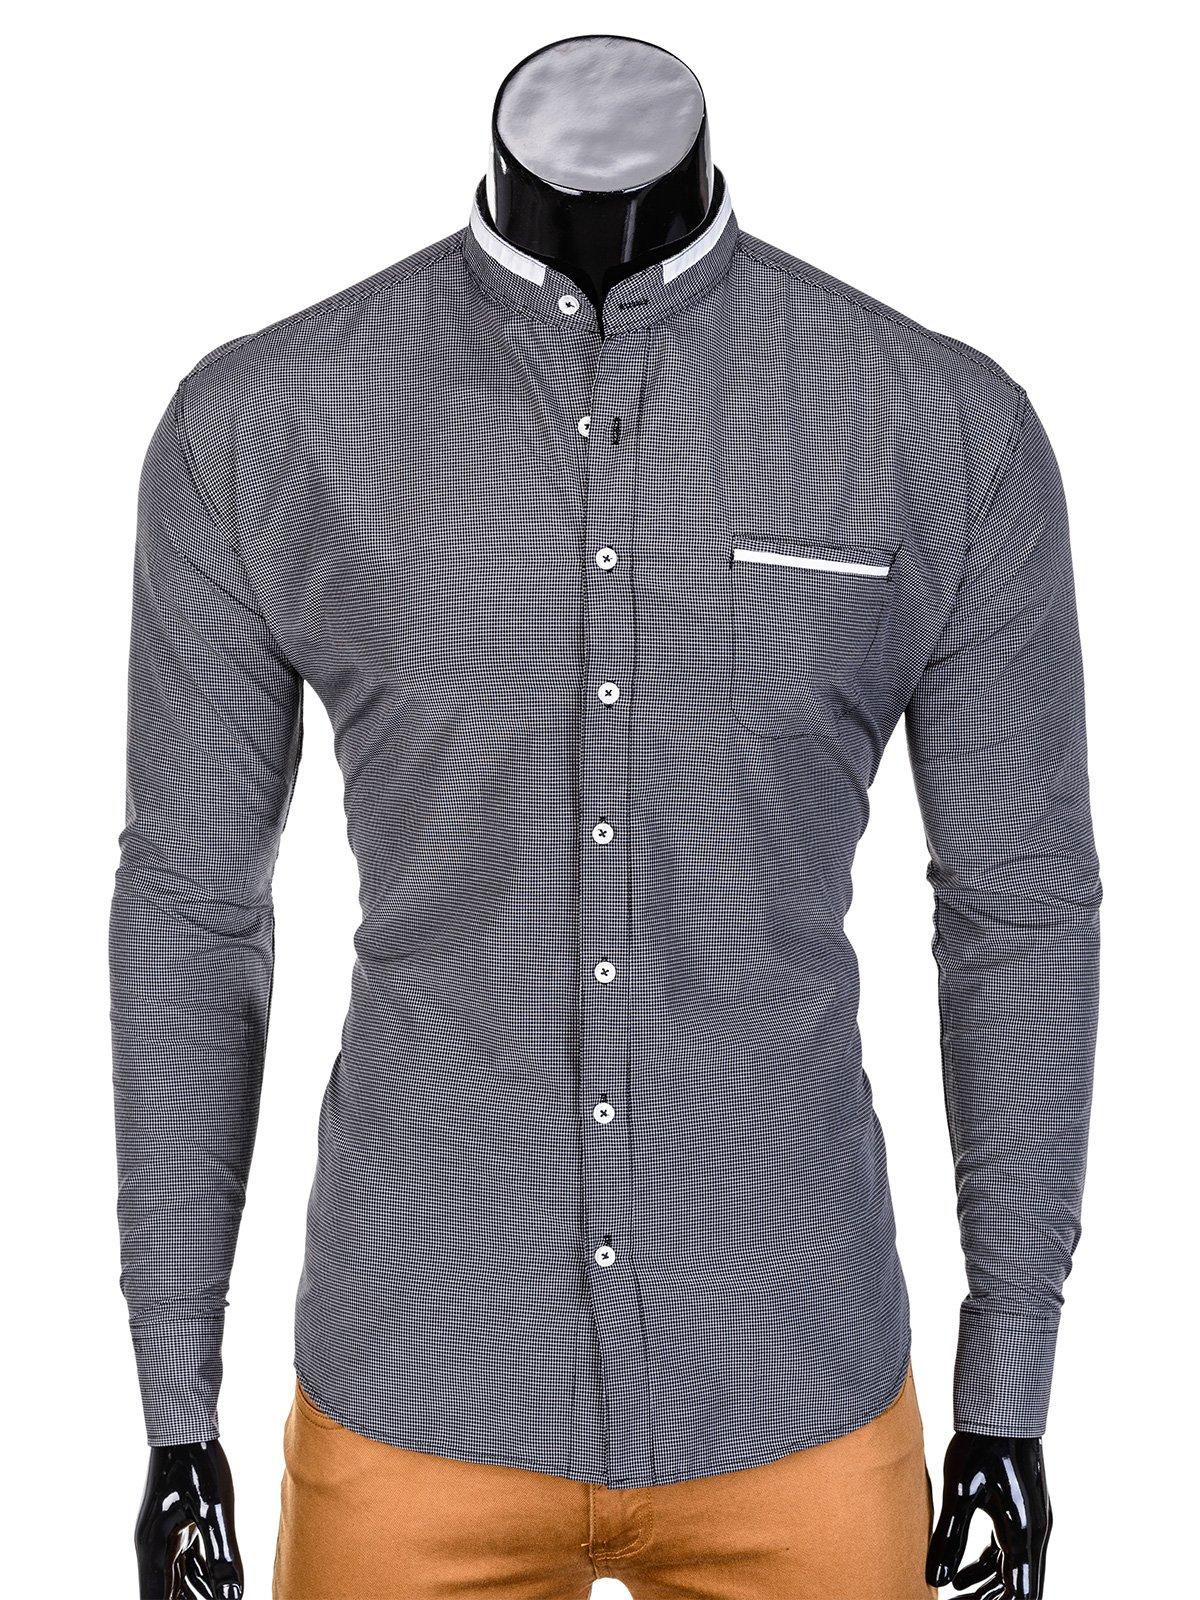 2f990bcdd0929c Koszula męska elegancka z długim rękawem 389K - czarna czarny | SALE \  Wszystkie SALE \ Koszule SALE \ OUTLET OMBRE \ Koszule - Edoti.com